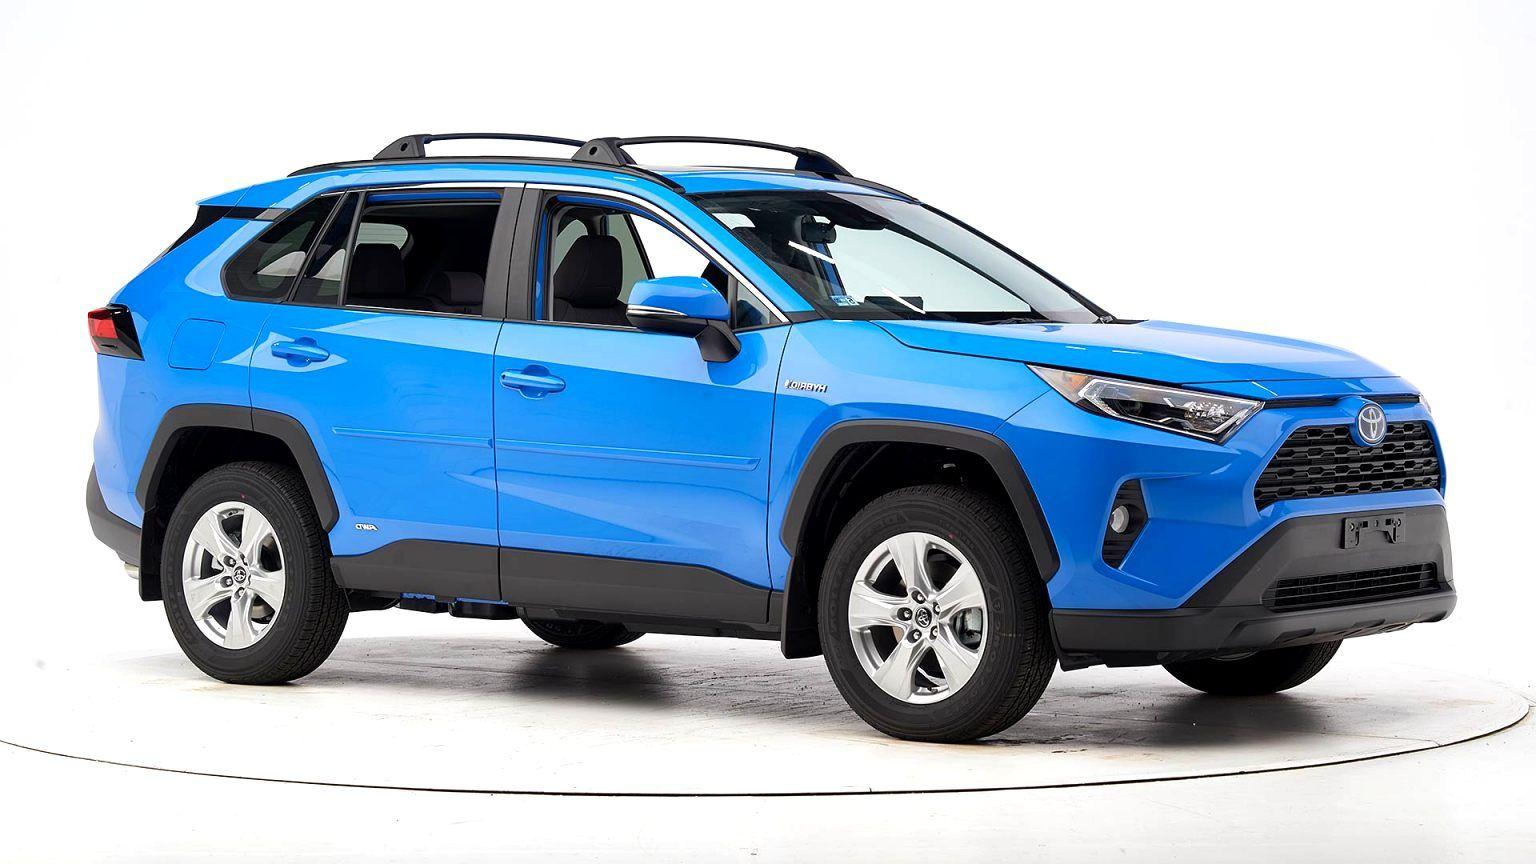 Toyota Usa Rav4 2020 Prices In 2021 Toyota Usa Rav4 Toyota